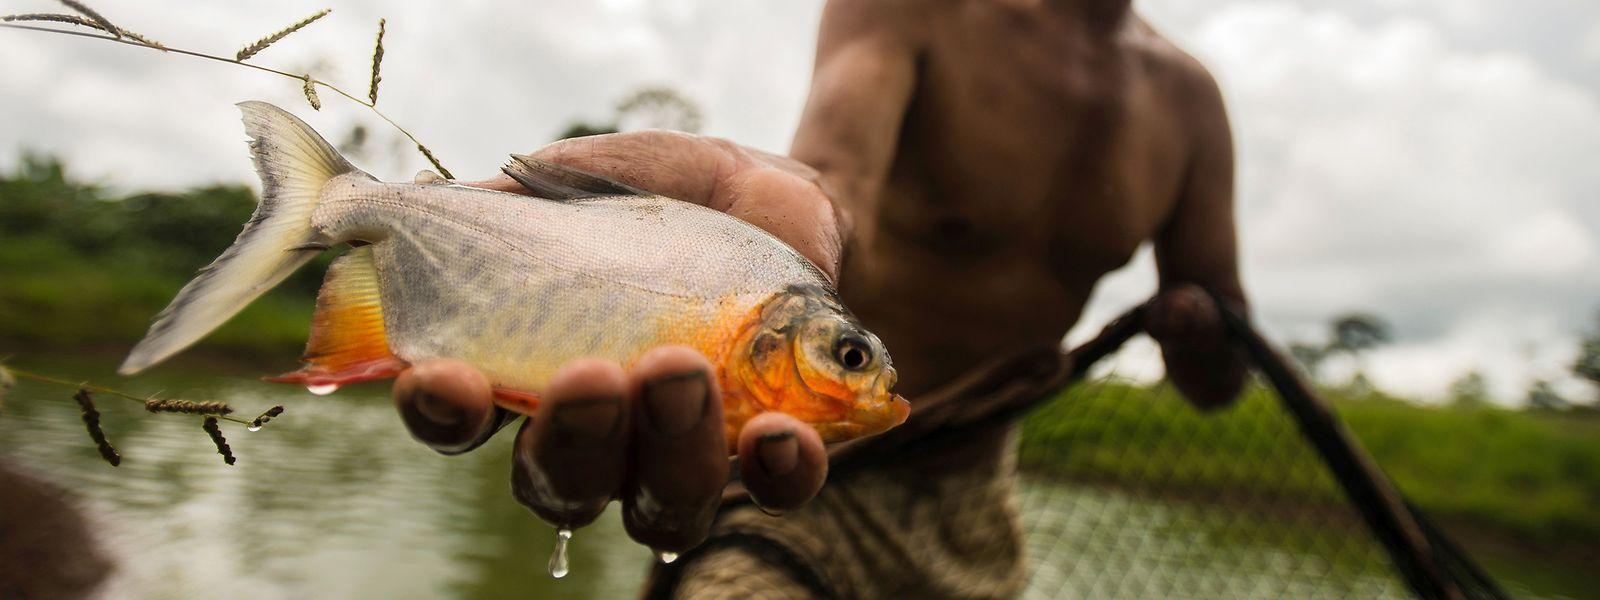 30% des pêches mondiales sortent trop de poissons de l'eau. Il est impossible de lutter parce que 71% des bateaux impliqués battent pavillon de complaisance et ont des liens avec les paradis fiscaux.